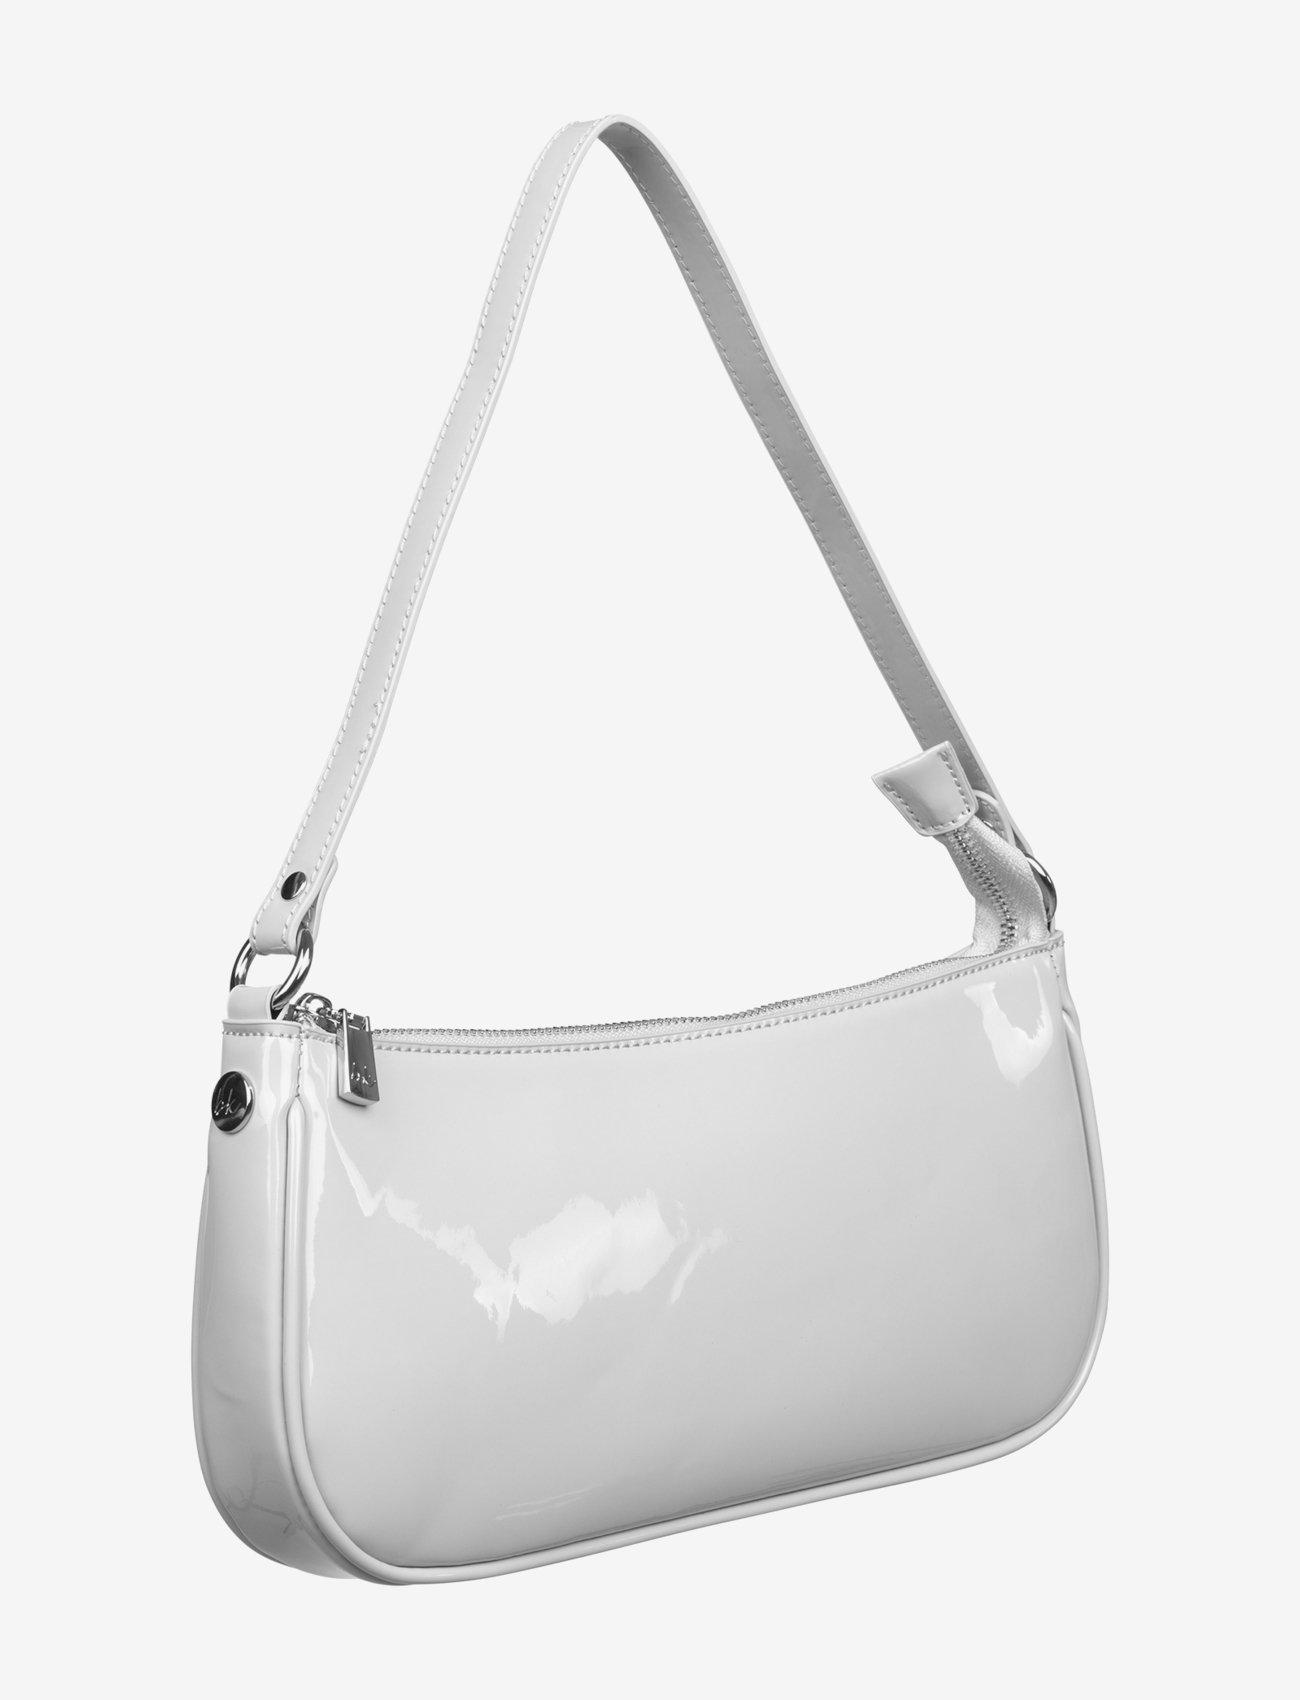 Barbara Kristoffersen by Rosemunde - Bag small - handväskor - light grey silver - 1